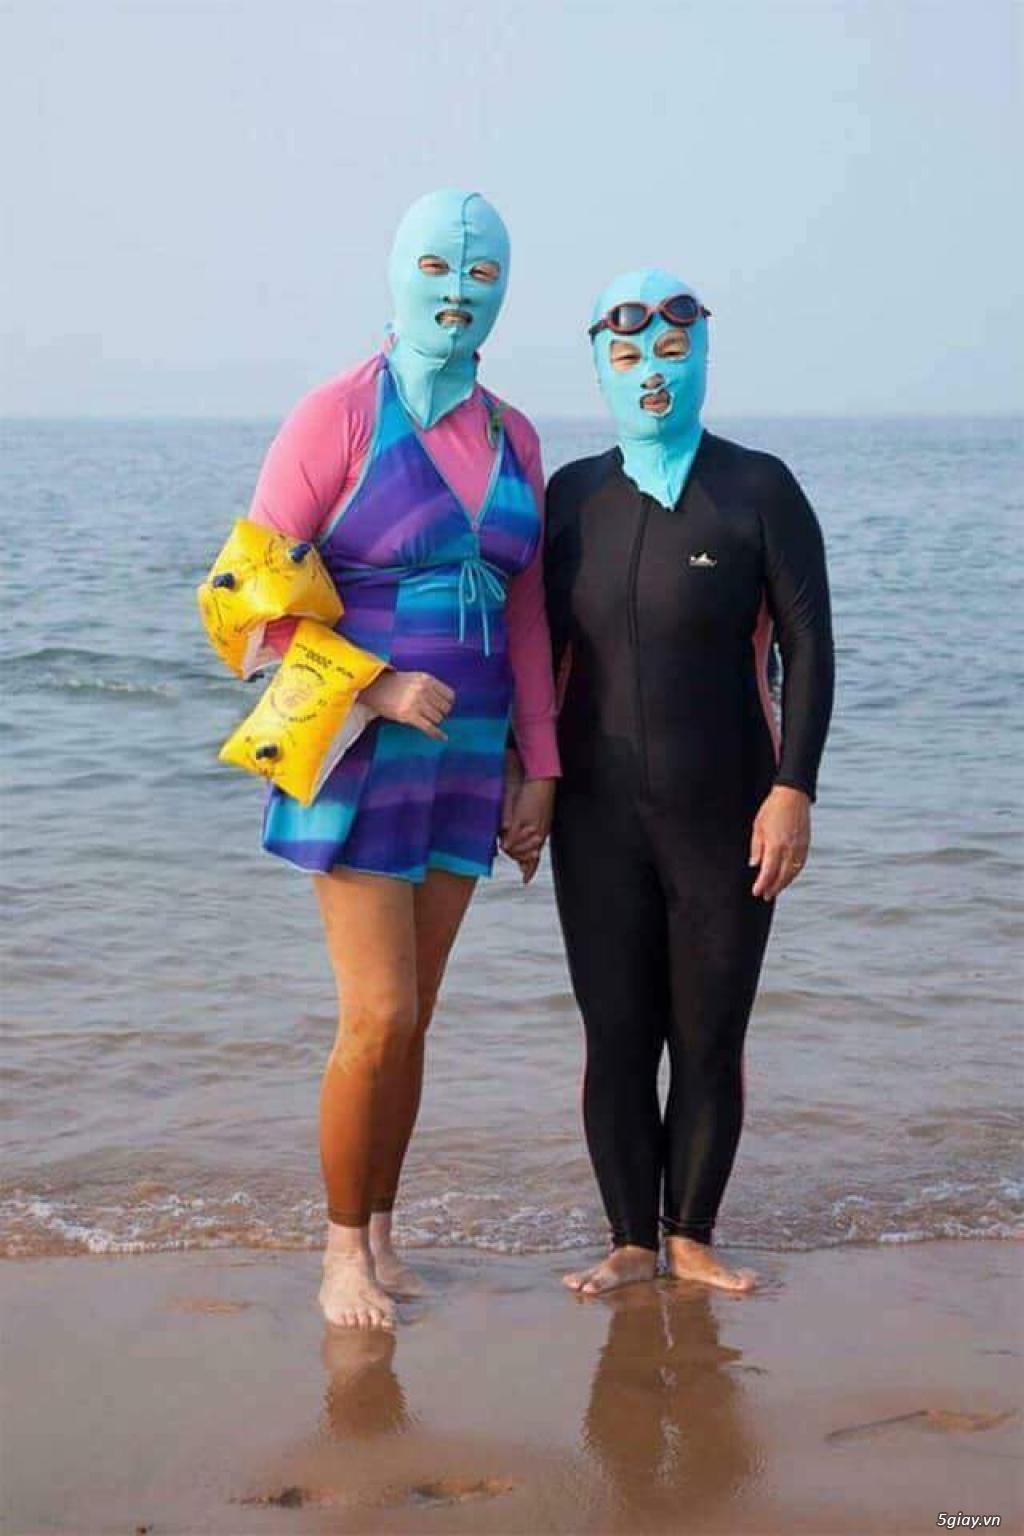 Nên mặc gì để tránh nóng khi đi biển...?